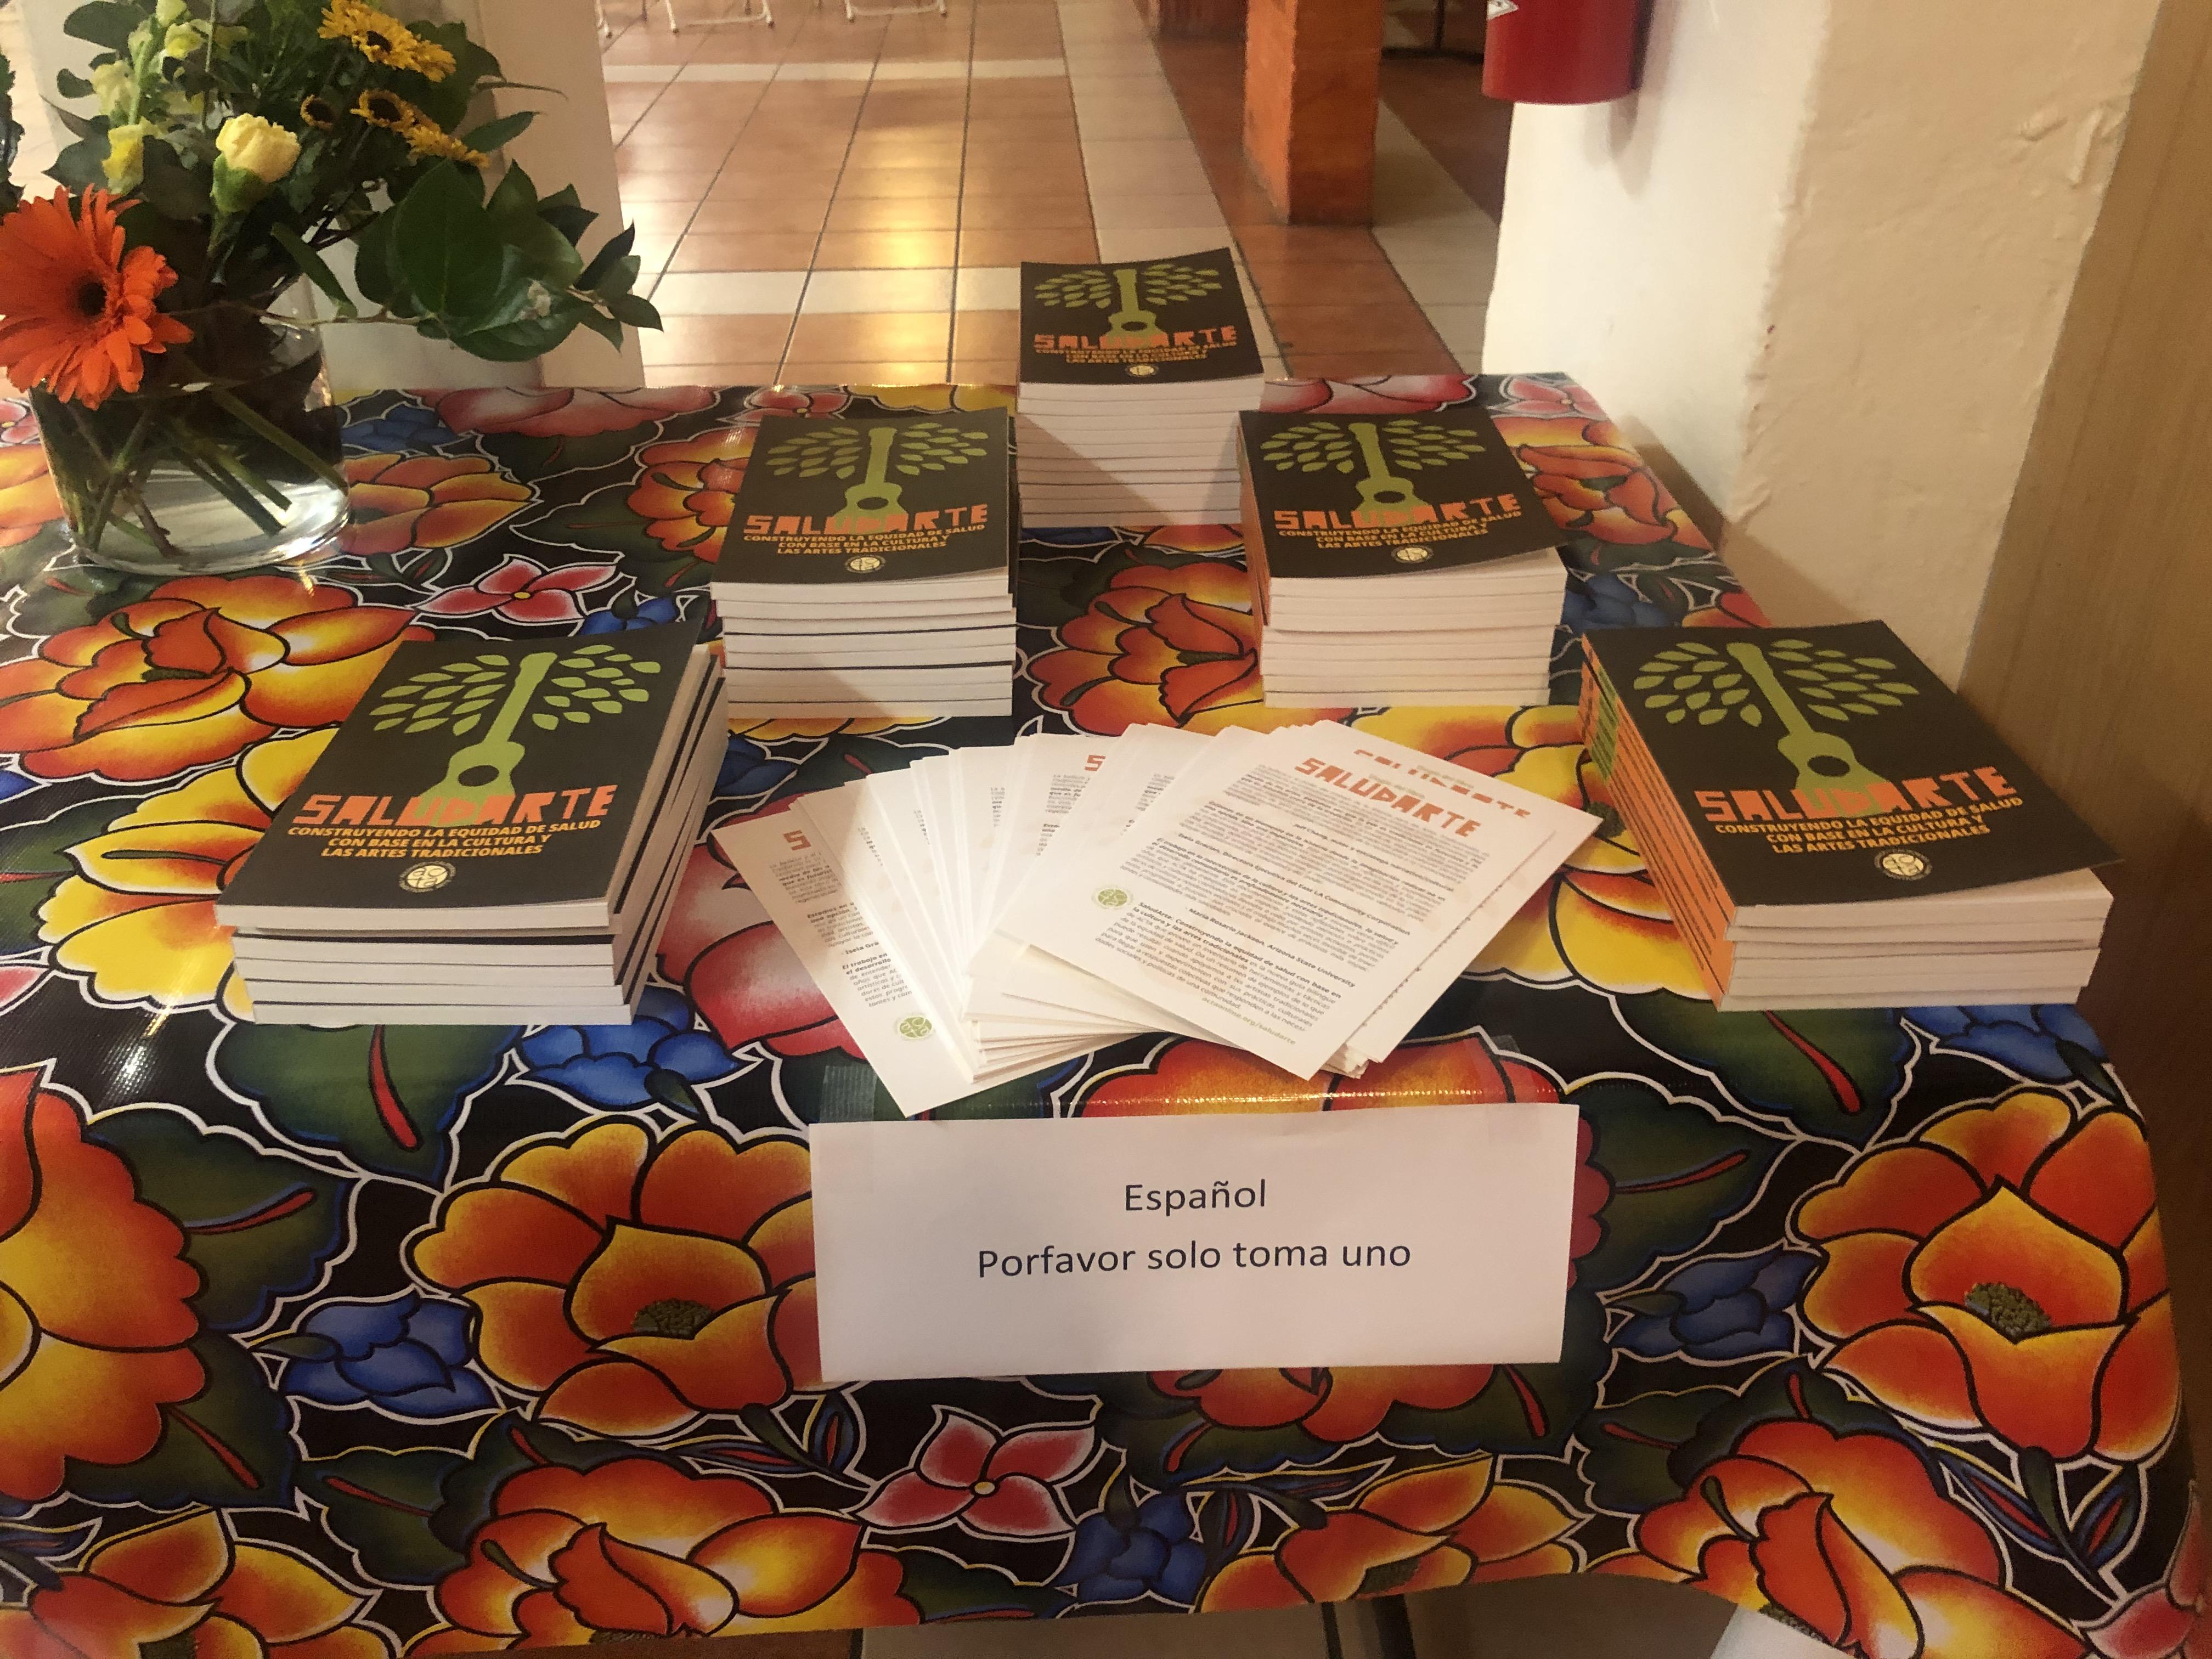 Presentación de Libro SaludArte en Boyle Heights. Un libro con ilustraciones, consejos, arte y temas relacionados a la equidad de salud en la comunidad Latina.